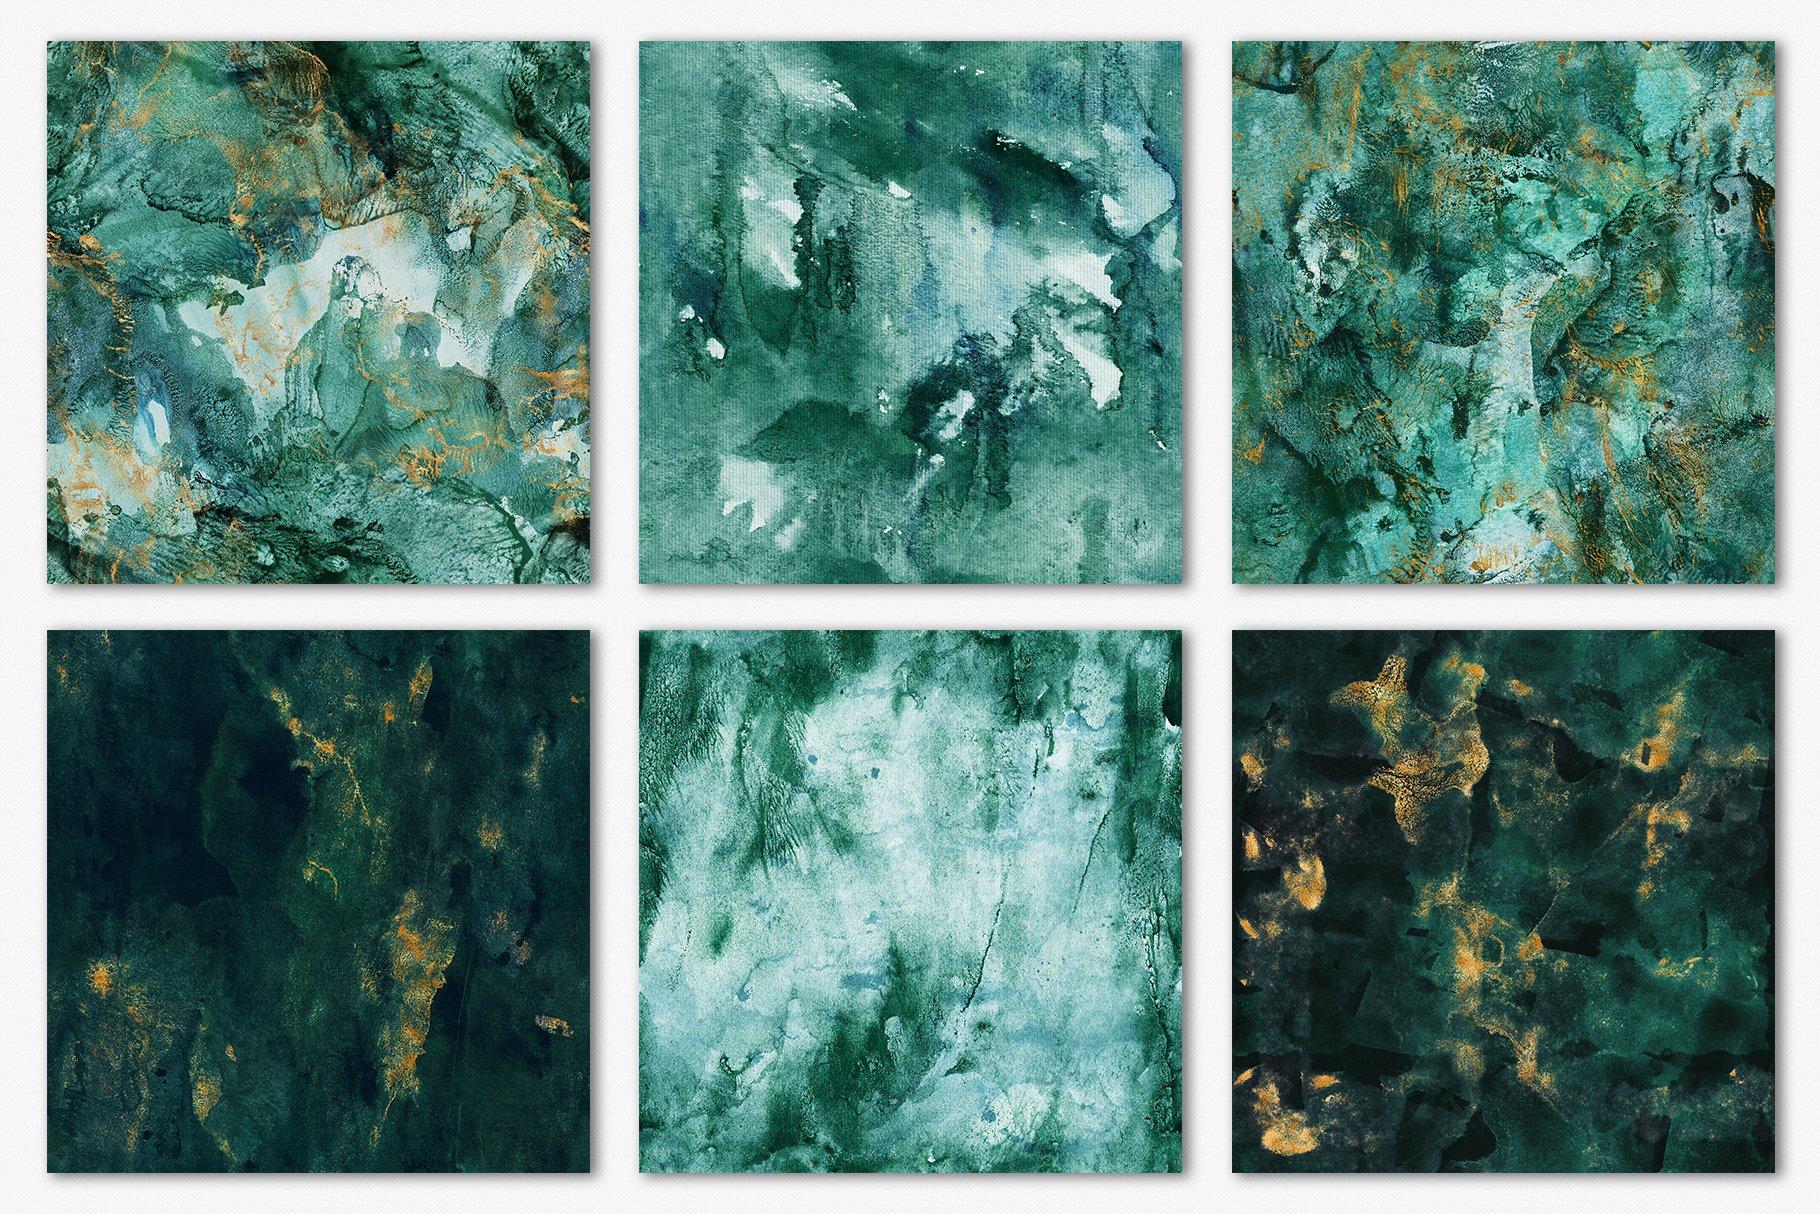 30款奢华翡翠墨绿流金水彩抽象艺术装饰背景底纹图片素材 Seamless Watercolor Backgrounds插图14